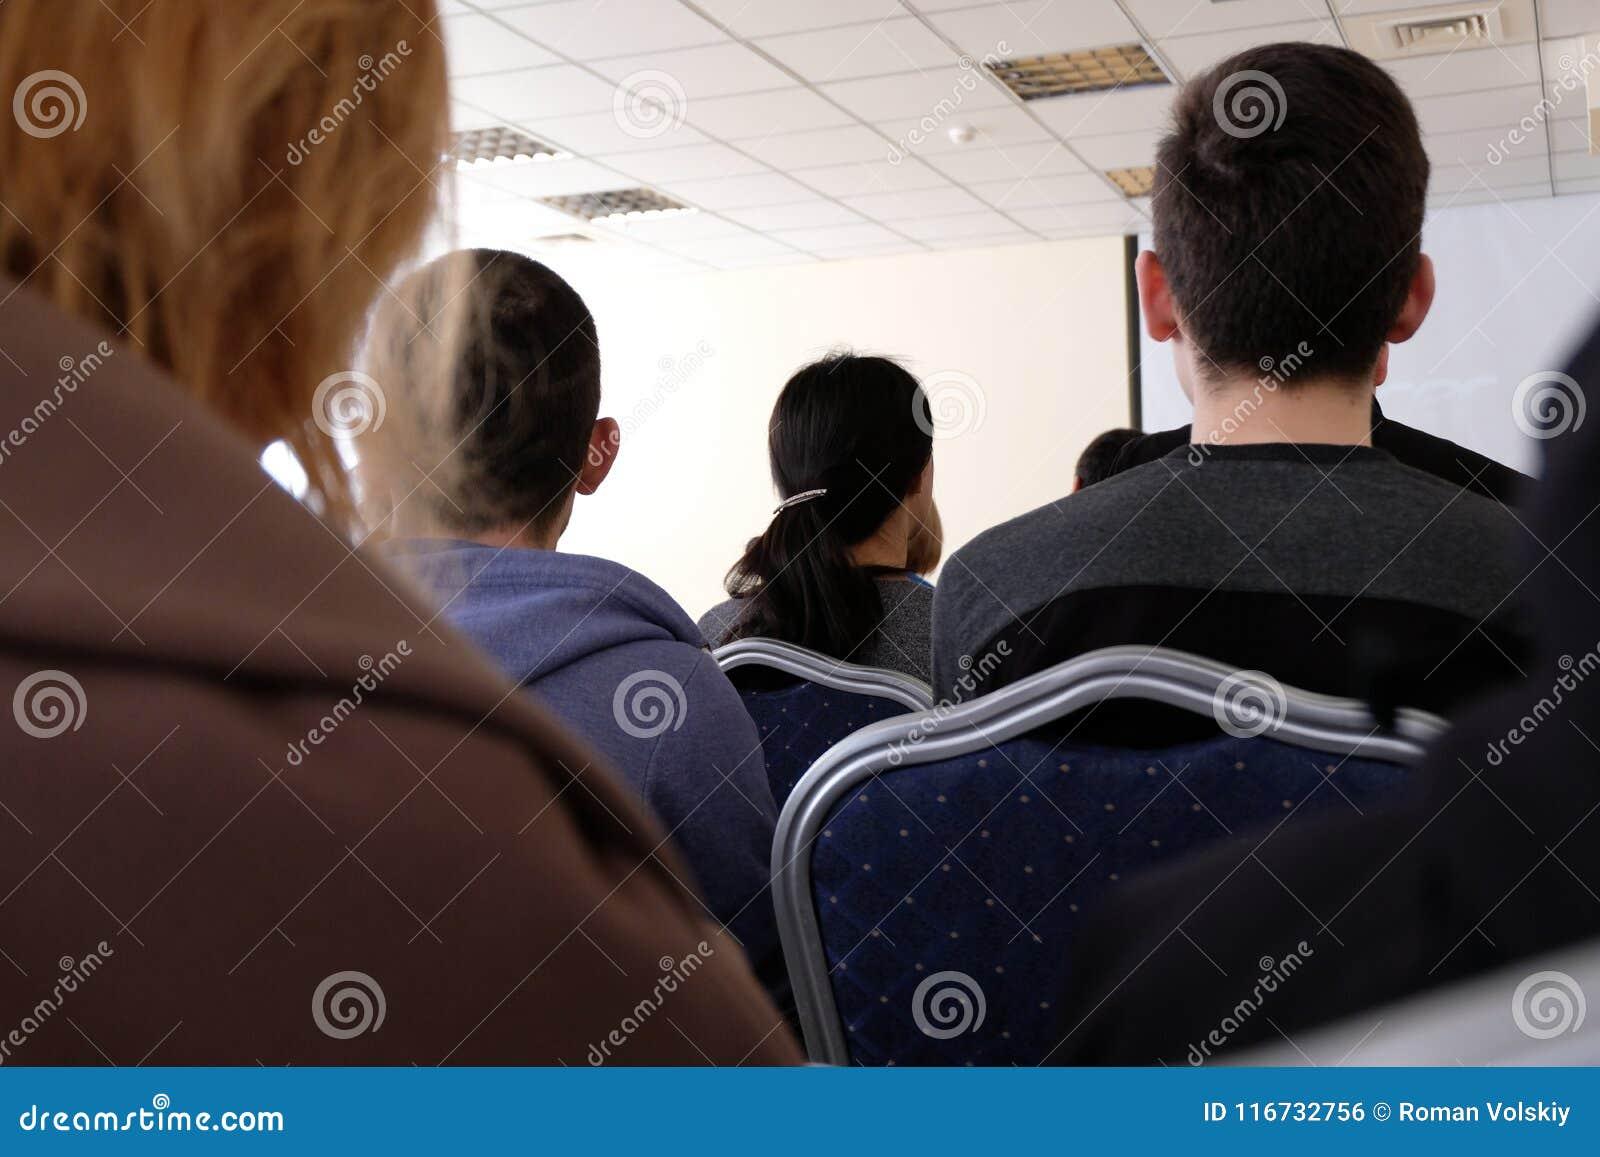 La gente se está sentando en el pasillo y está escuchando una conferencia Concepto del asunto